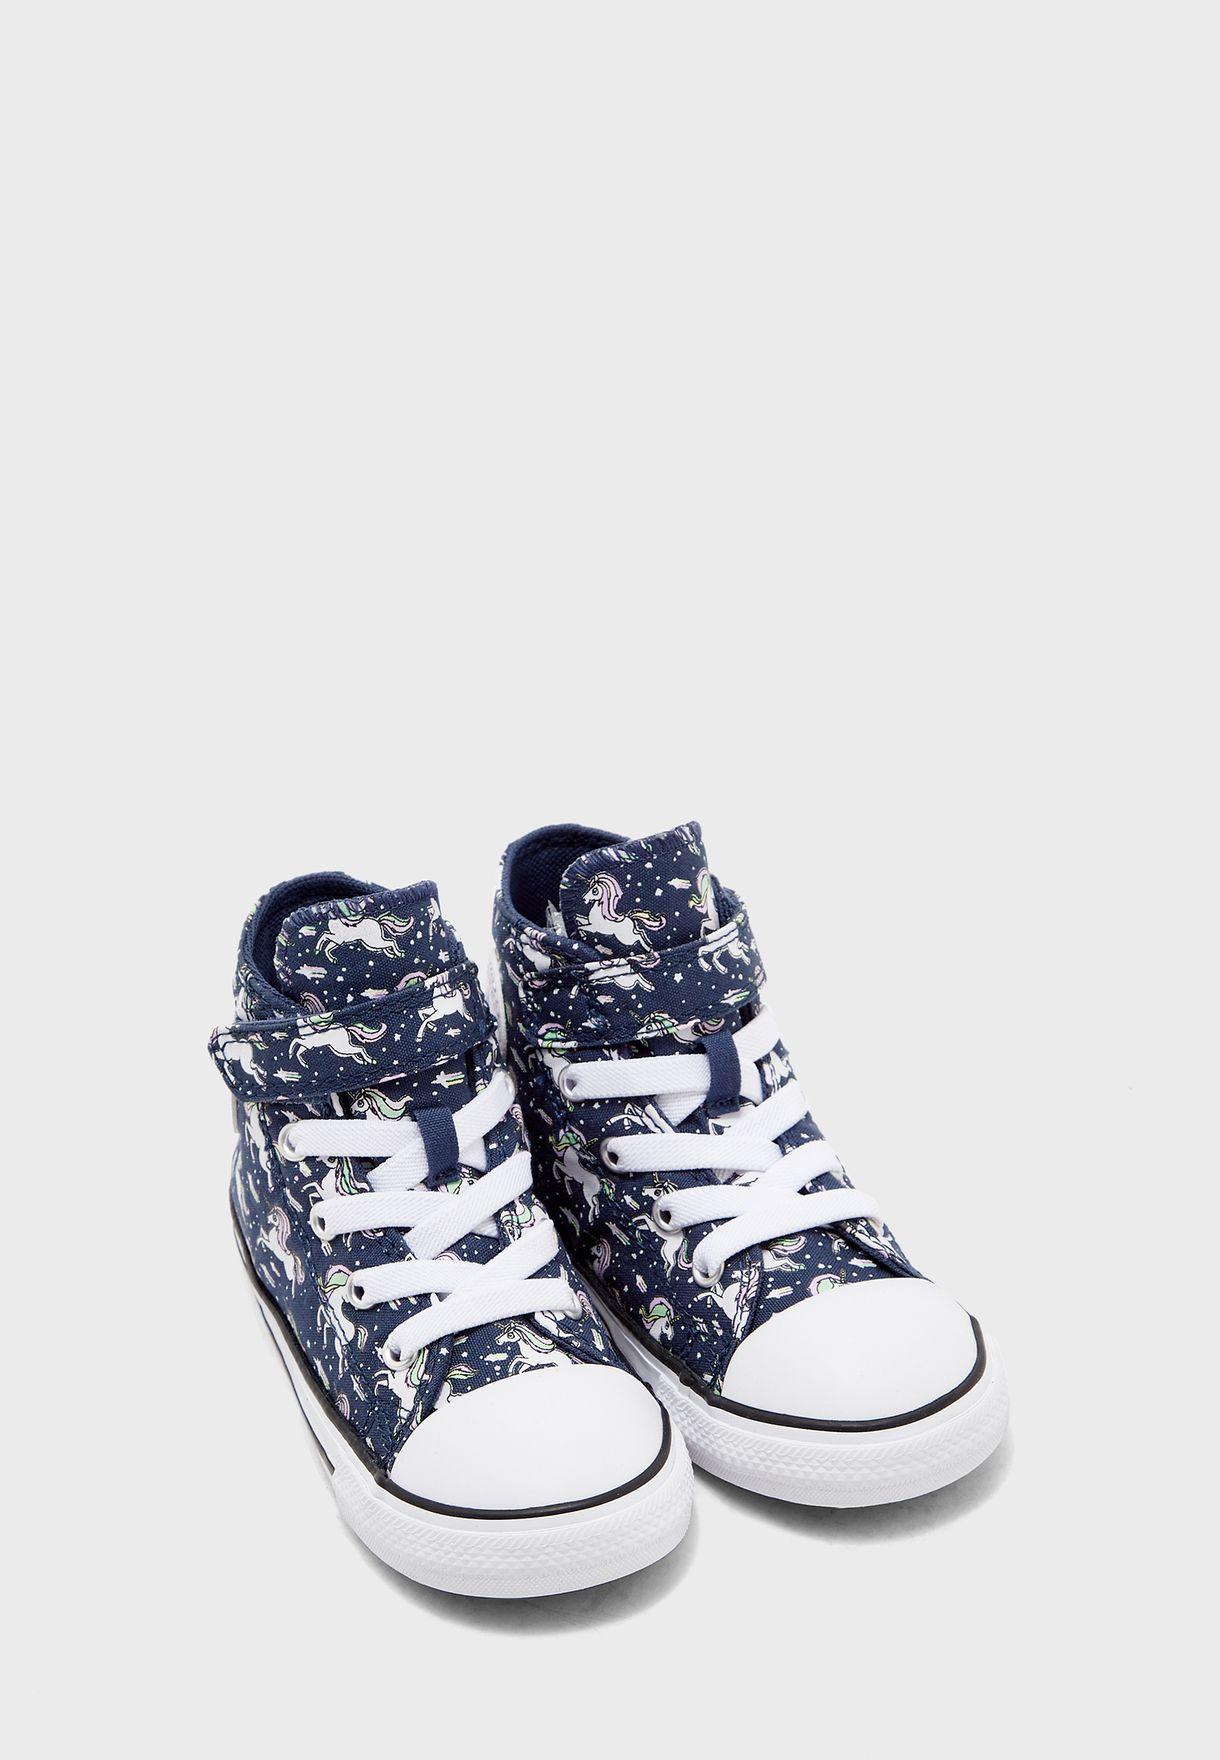 حذاء تشك تايلور اول ستار 1V